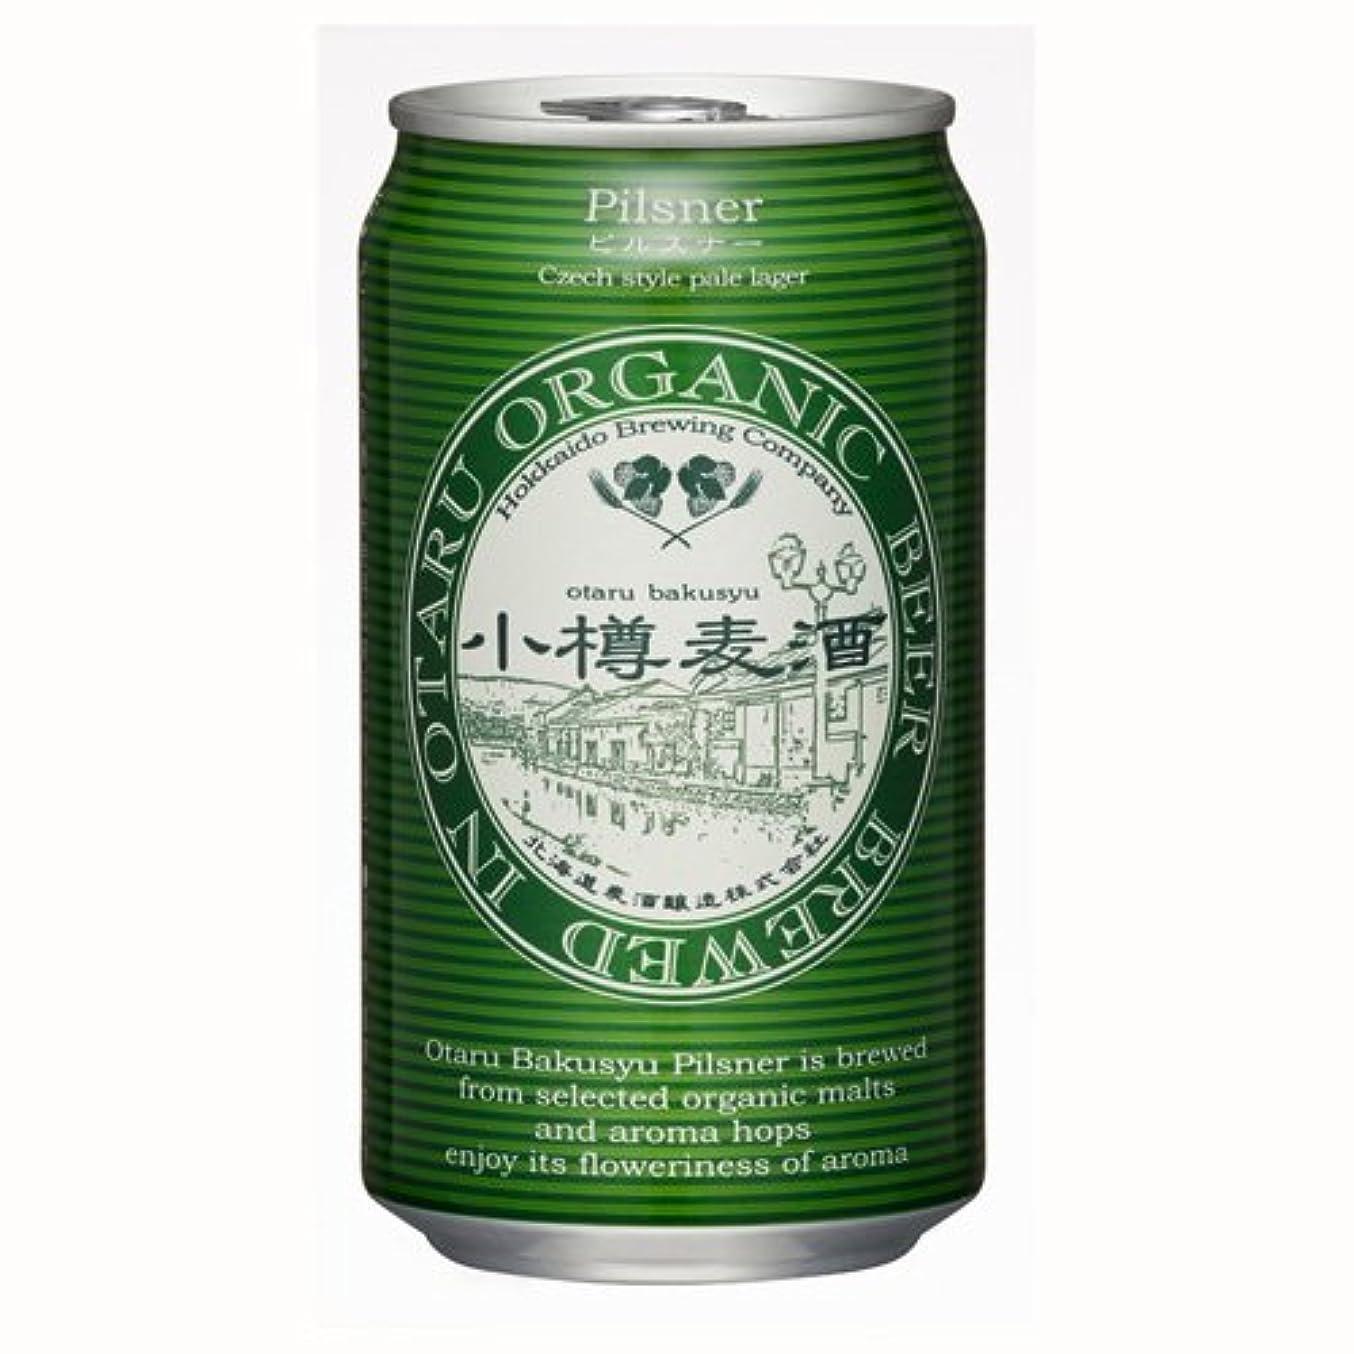 下線羽思い出させる小樽麦酒 ピルスナー 缶 350ml×6本 北海道 クラフトビール 有機麦芽使用 ☆